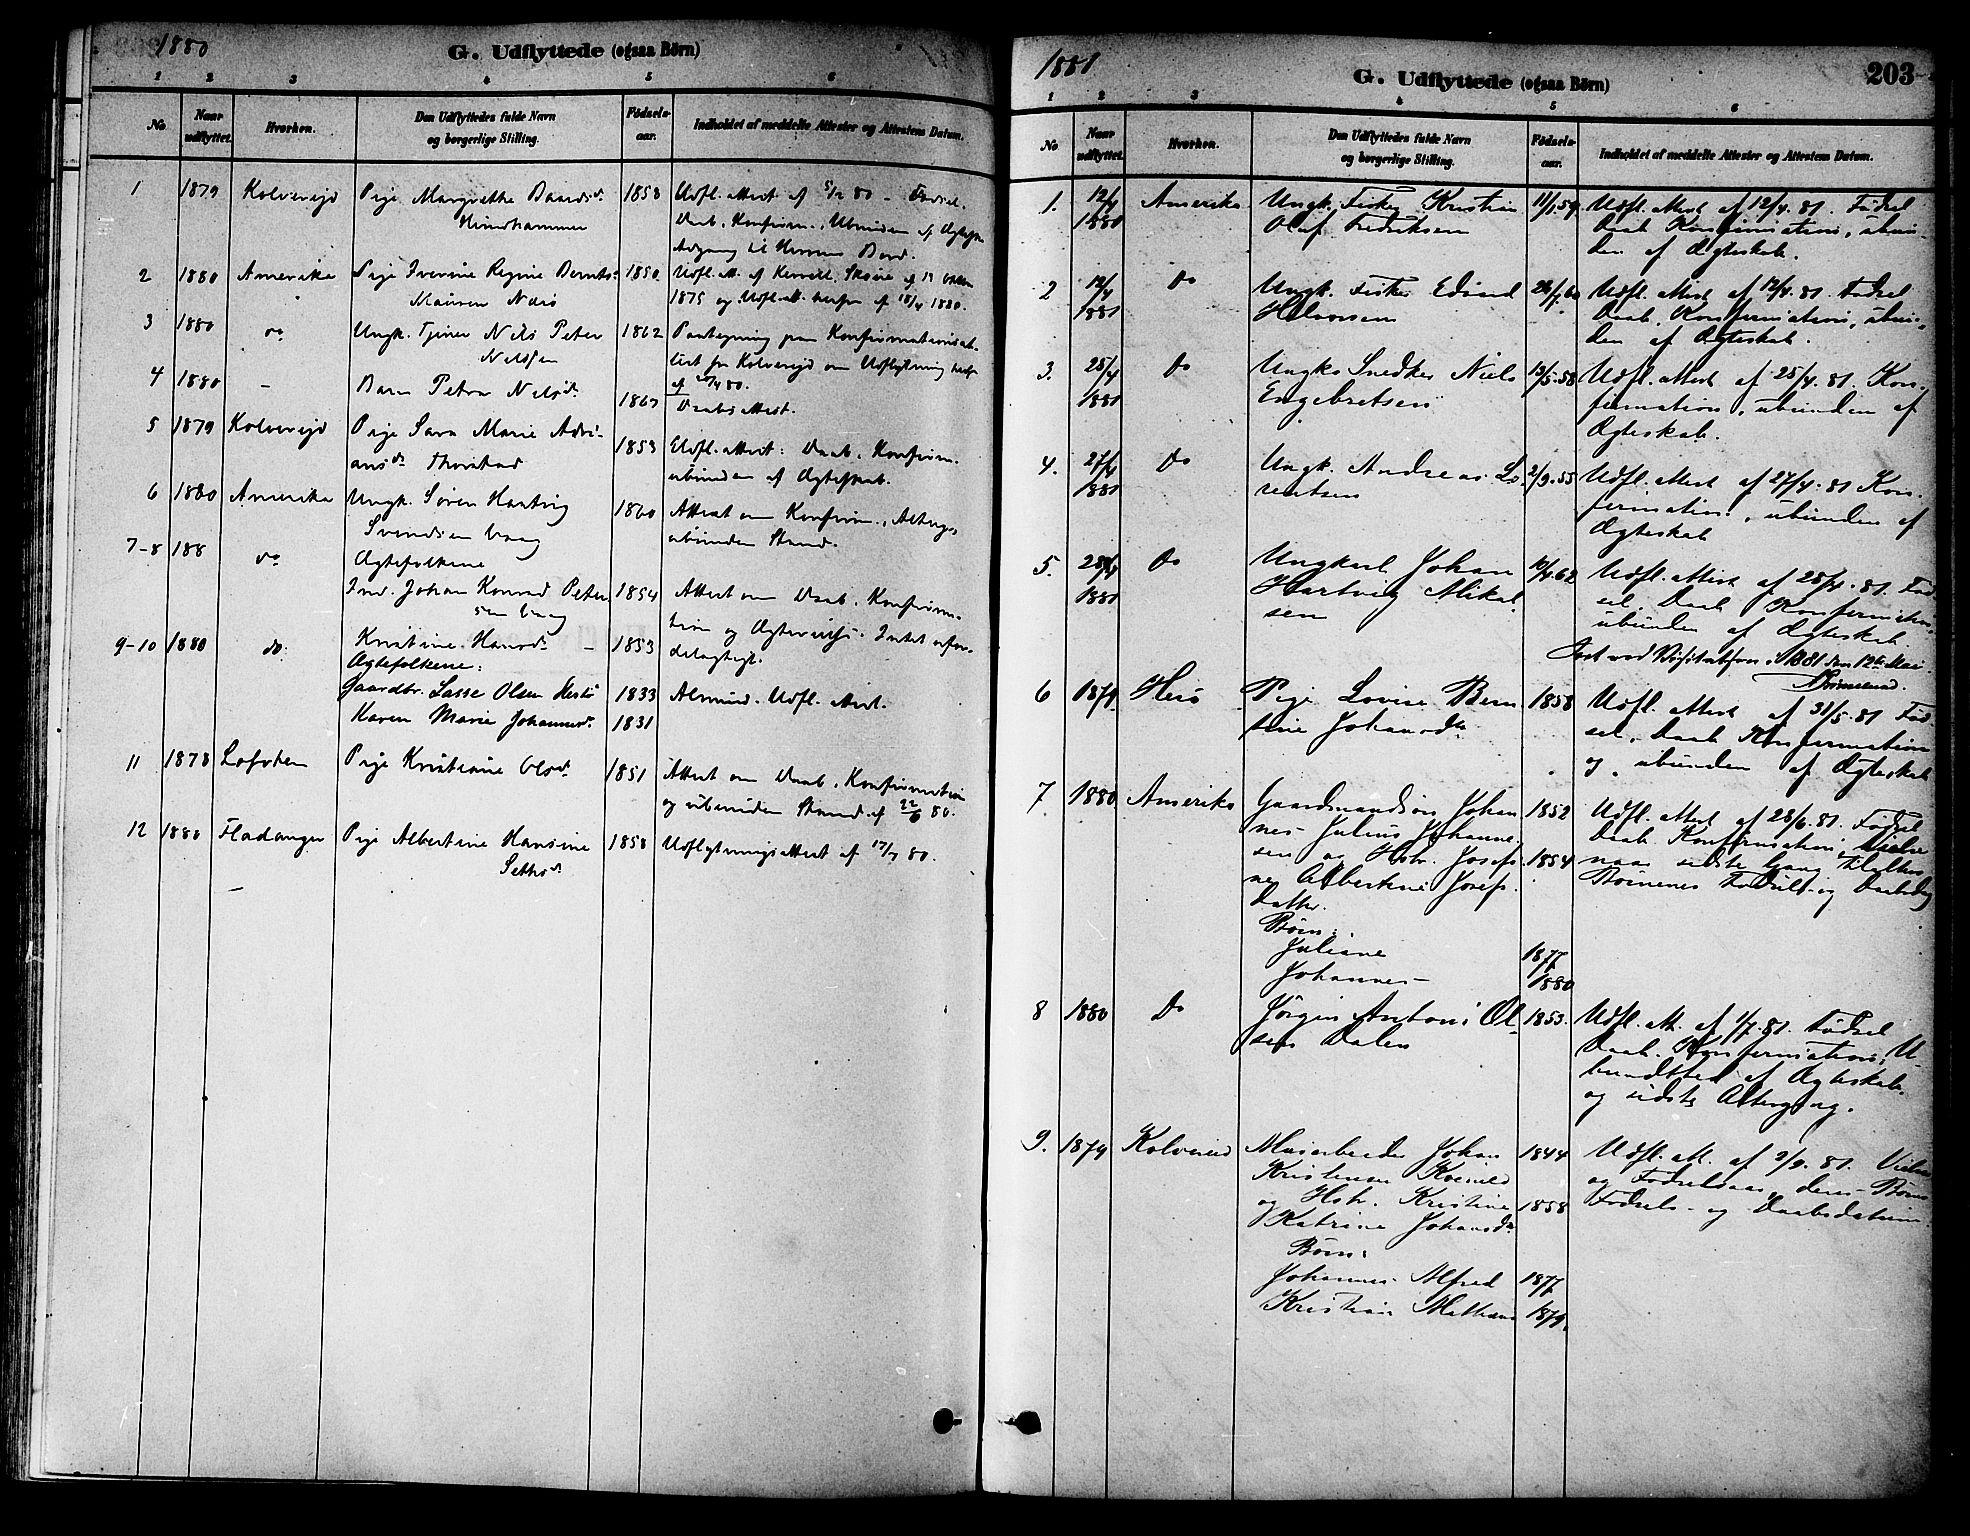 SAT, Ministerialprotokoller, klokkerbøker og fødselsregistre - Nord-Trøndelag, 784/L0672: Ministerialbok nr. 784A07, 1880-1887, s. 203